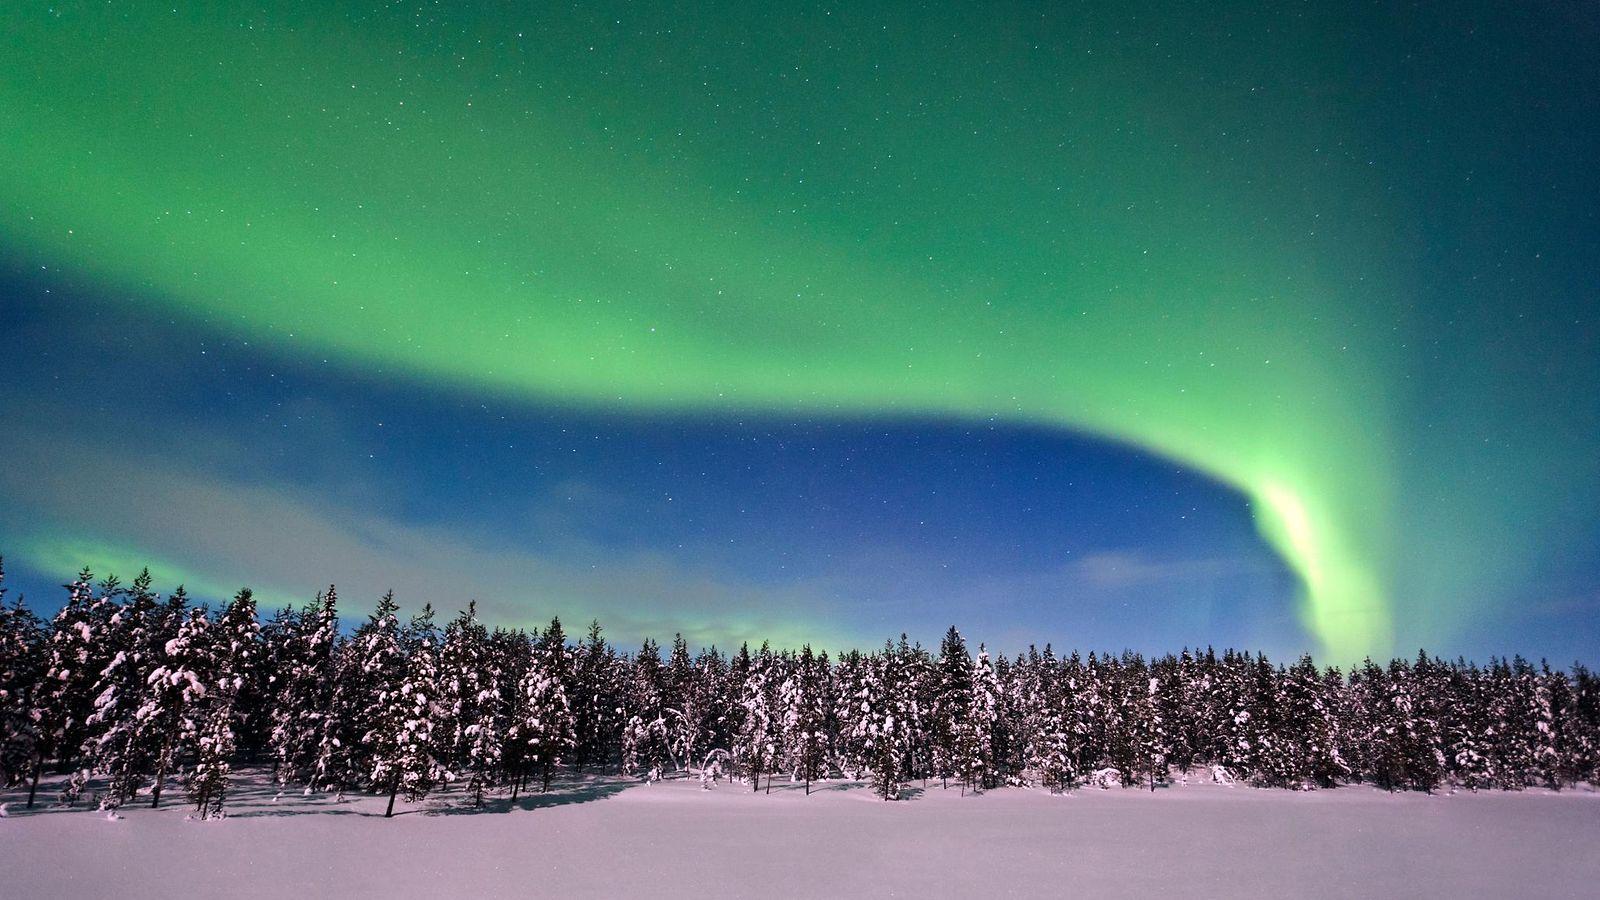 Lapin matkailu kasvussa – revontulet ja lumi vetävät turisteja pohjoiseen - Kotimaa - Uutiset ...